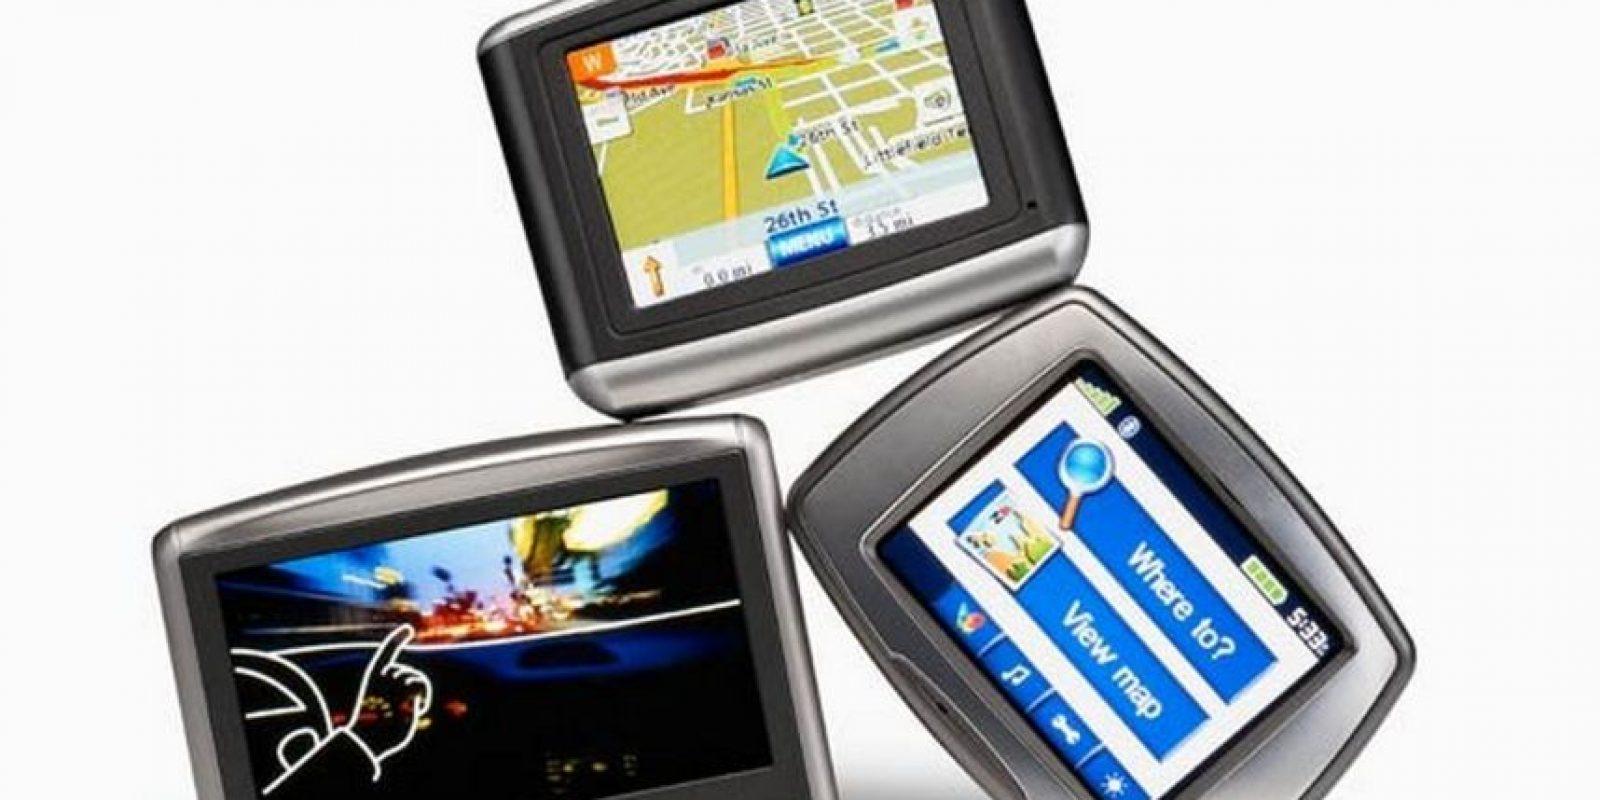 GPS. Este dispositivo es básico para cualquier padre conductor o viajero porque informa de tiempos y distancias, rutas y mapas con claridad. Foto:Wikicommons